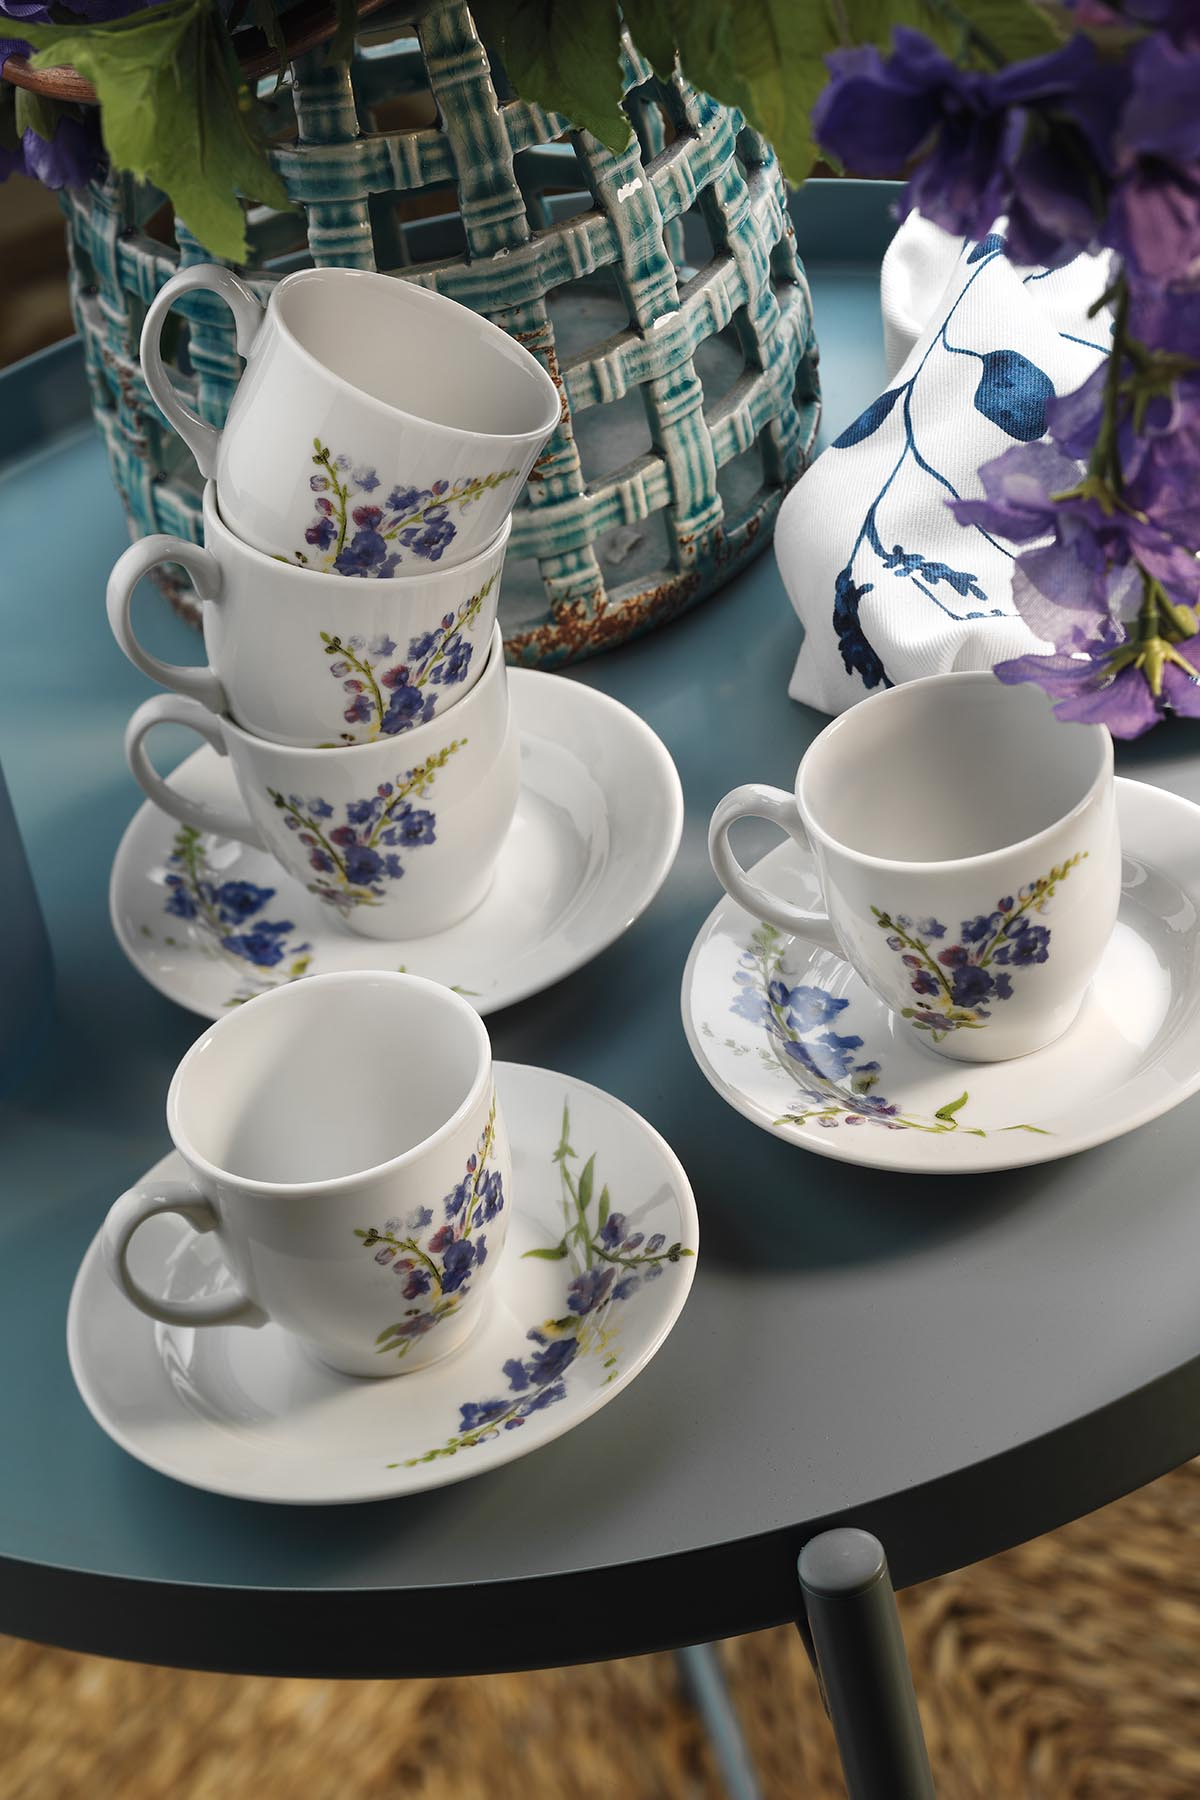 KÜTAHYA PORSELEN - Kütahya Porselen 10886 Desen Kahve Fincan Takımı